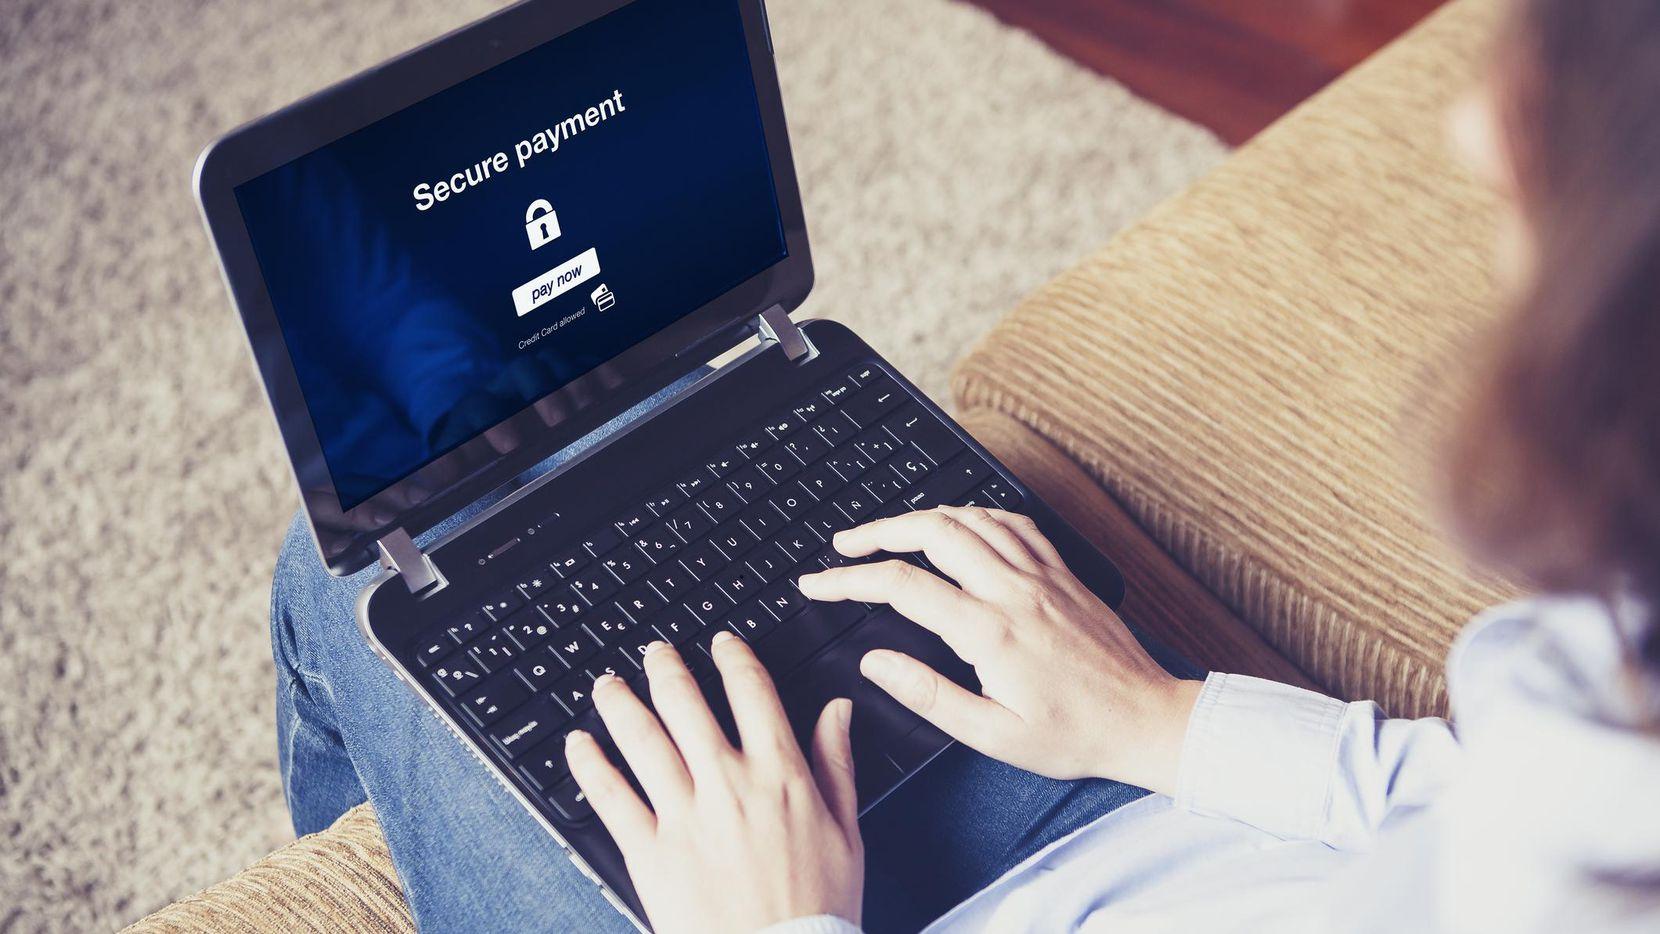 Las laptop y tablets estarán sujetas a medidas de vigilancia en los vuelos desde México, dicen las autoridades mexicanas.(GETTY IMAGES)